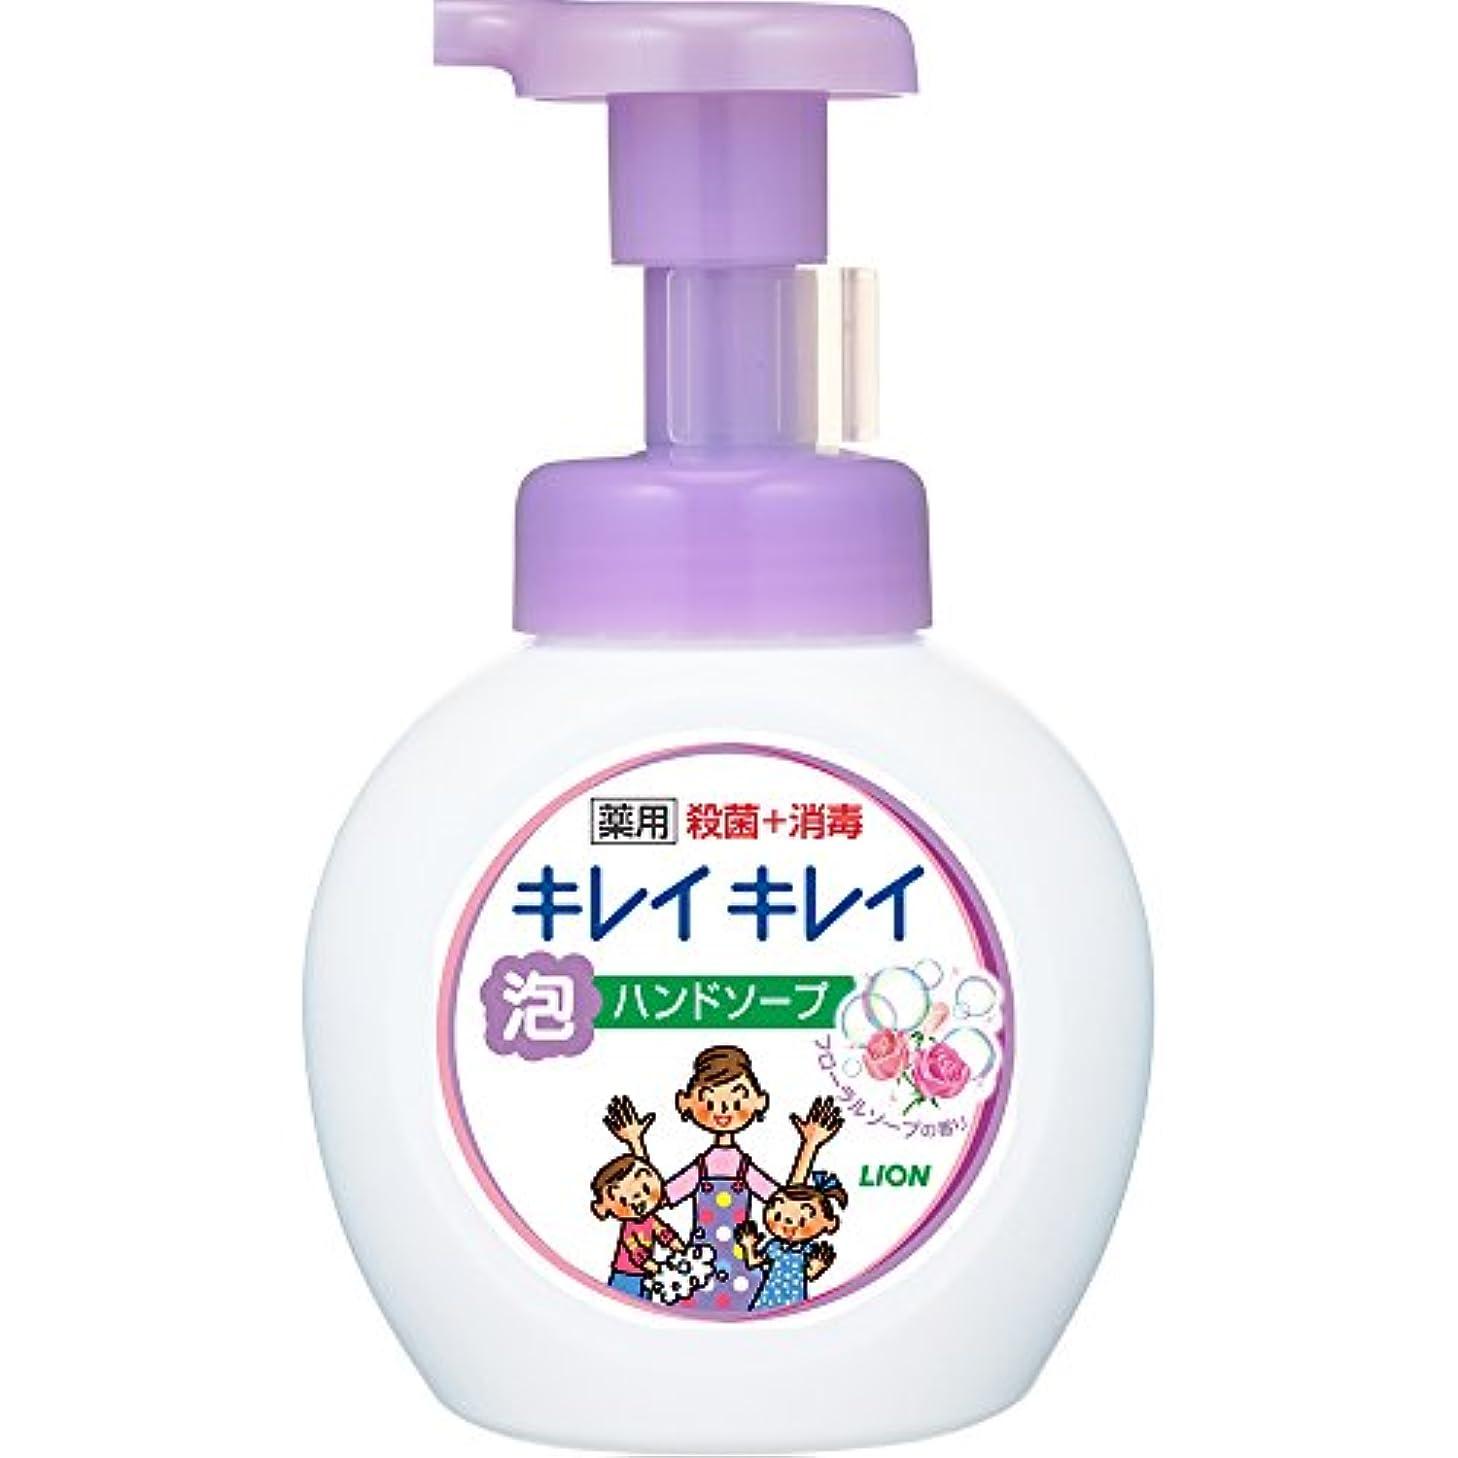 再撮りところで多分キレイキレイ 薬用 泡ハンドソープ フローラルソープの香り 本体ポンプ 250ml(医薬部外品)